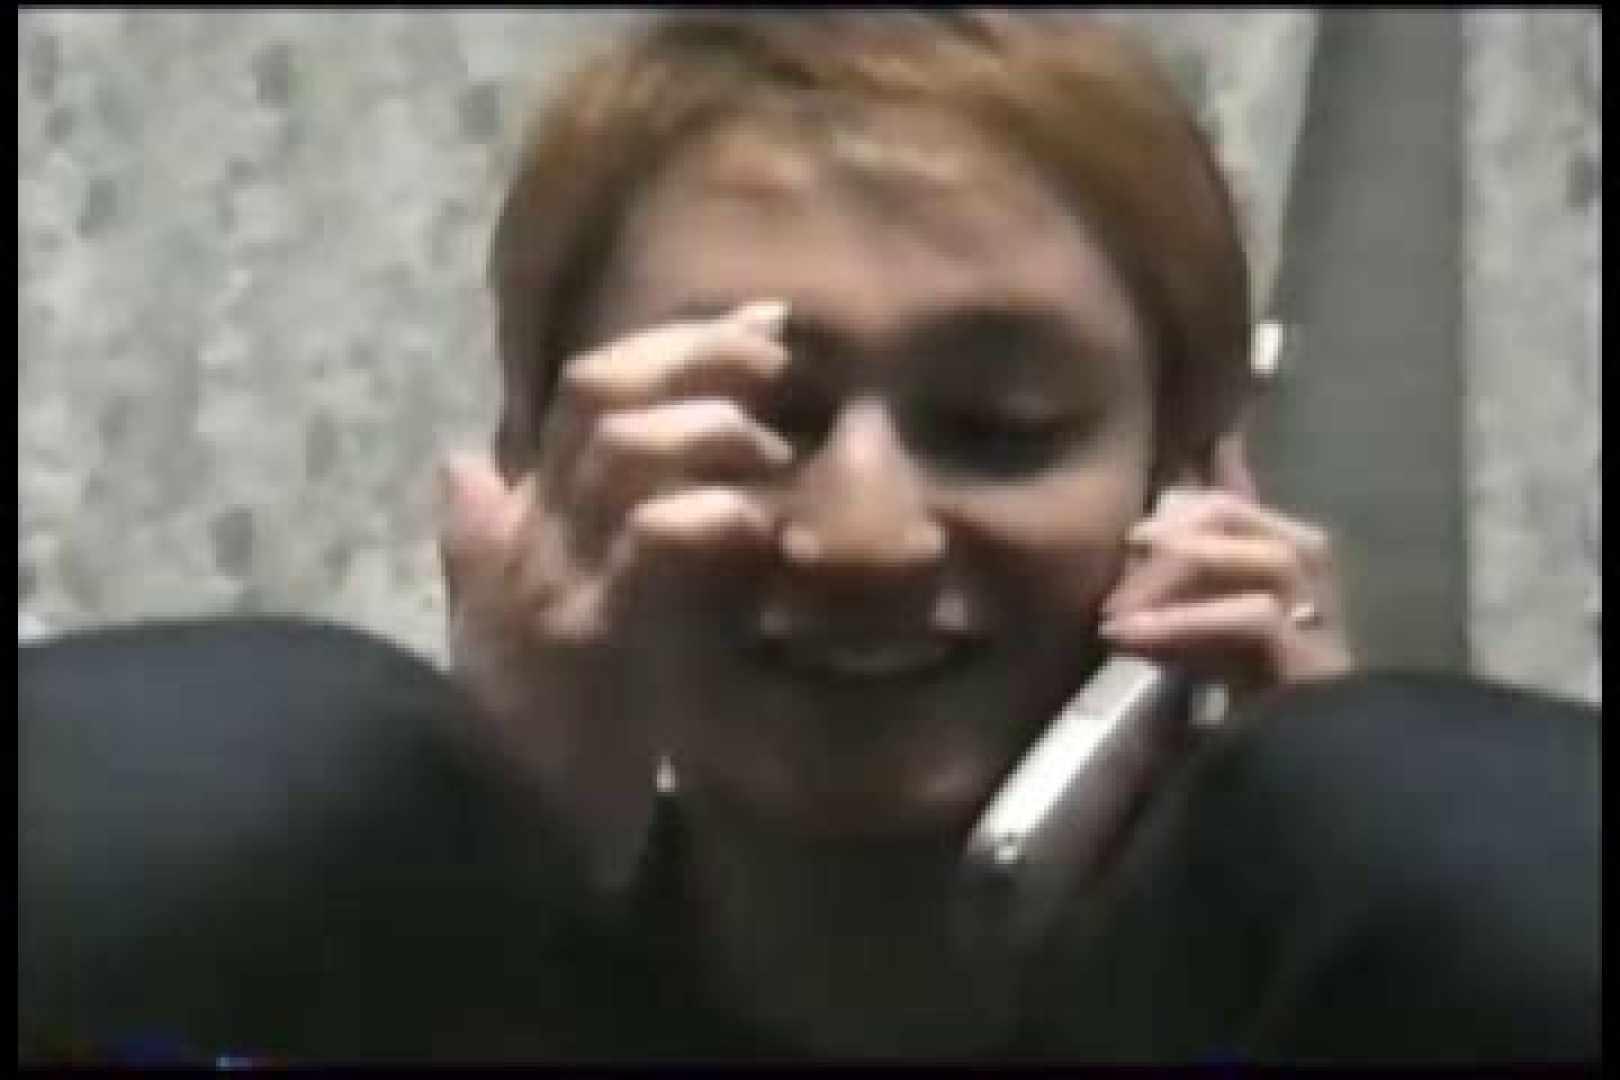 【流出】アイドルを目指したジャニ系イケメンの過去 ゲイの裸 ゲイセックス画像 61枚 17